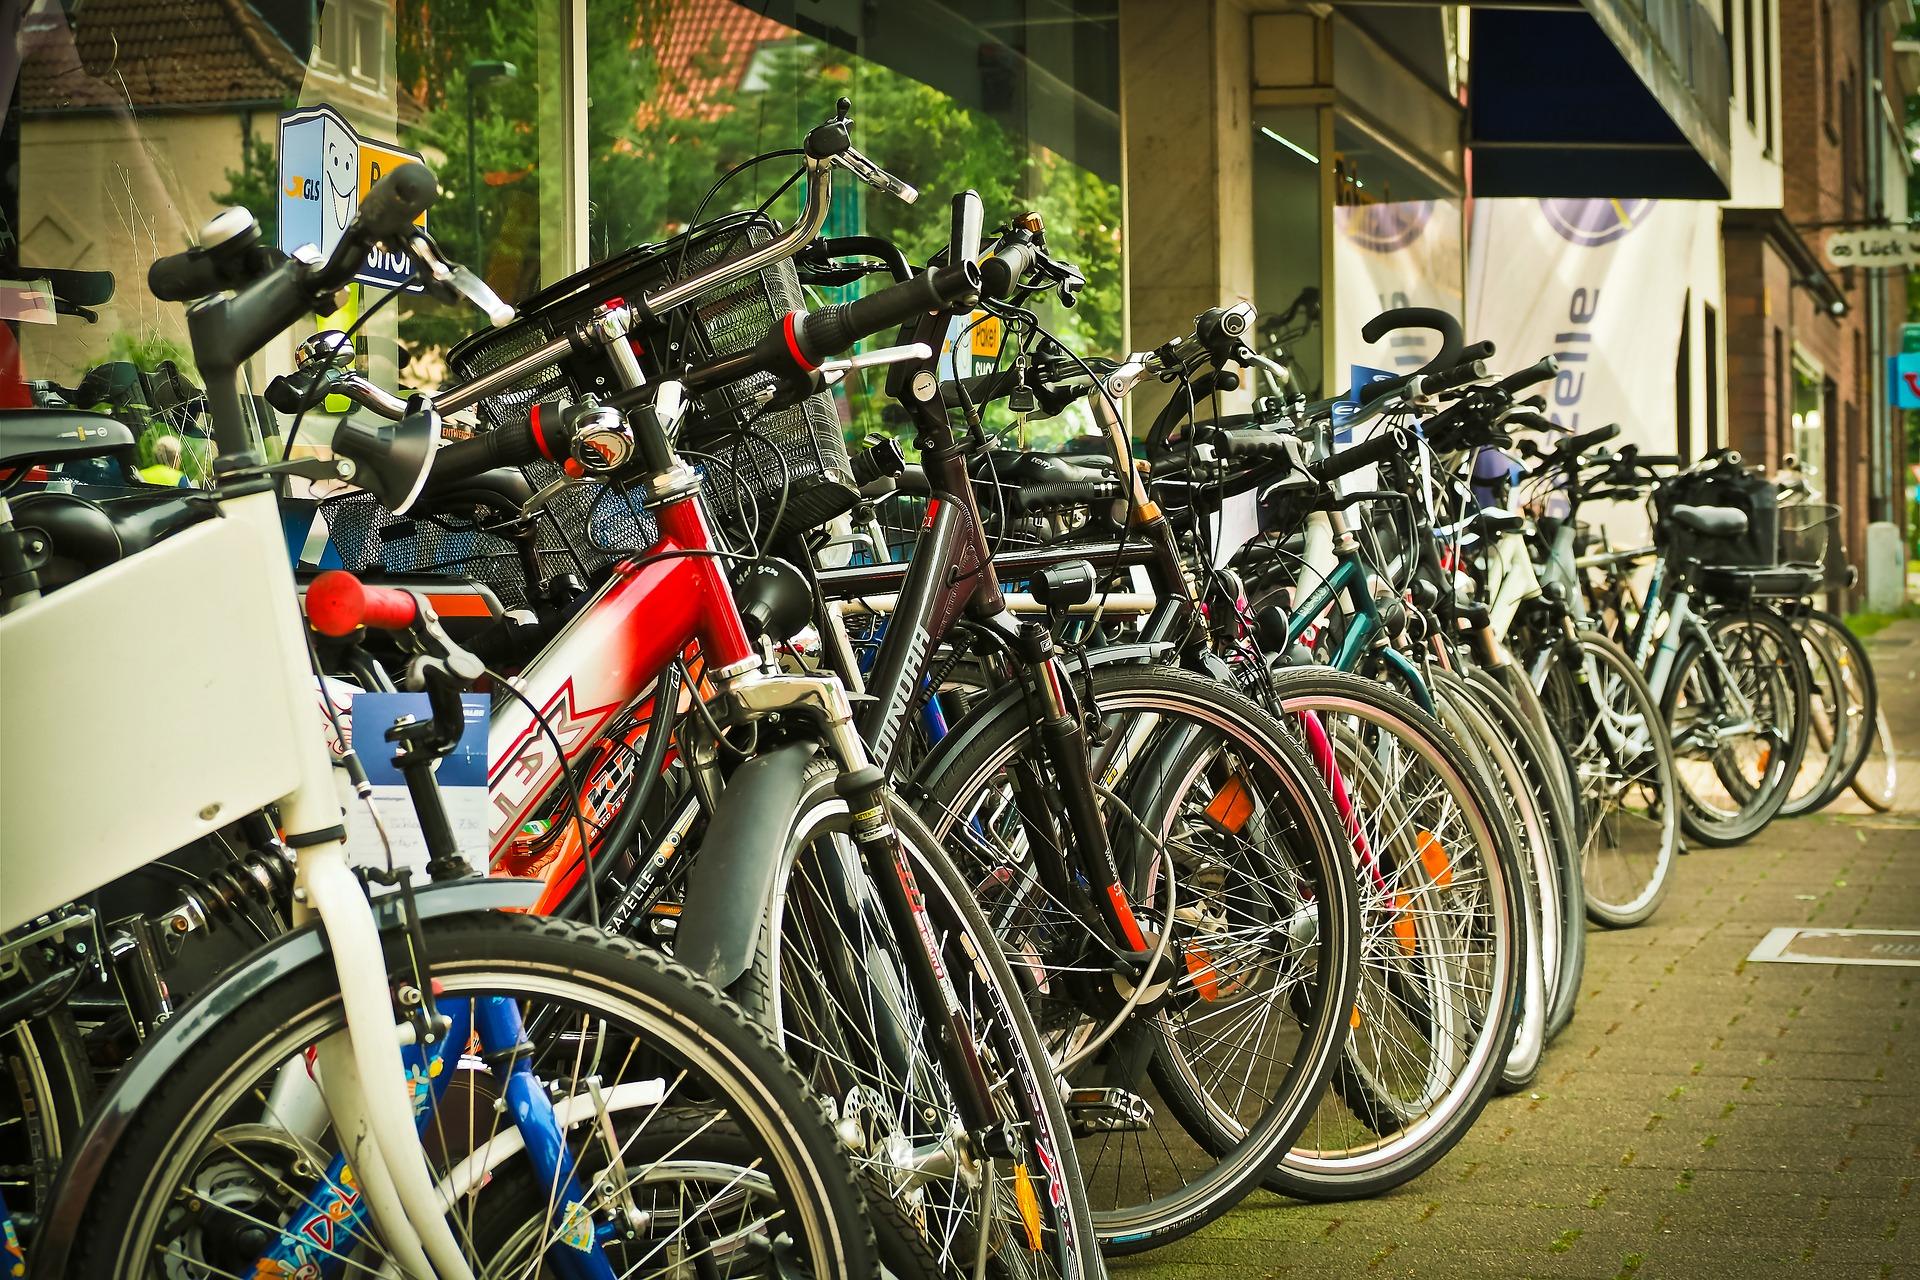 bicycles 1541075 1920 15. Juni 2021